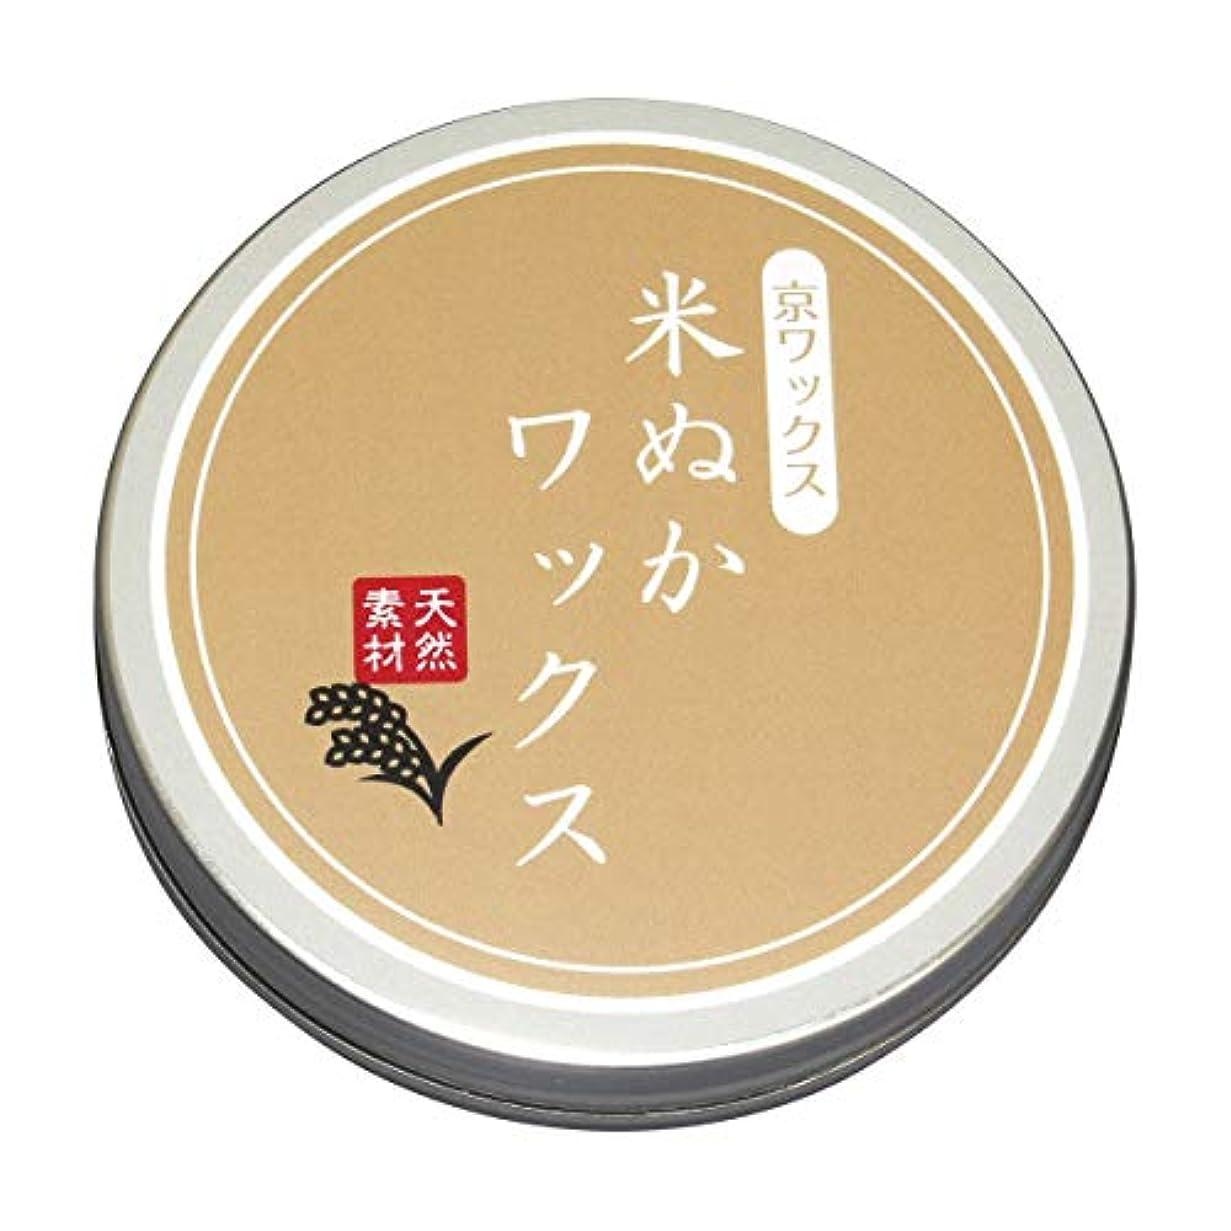 家事をするマイクロ類人猿杉材用ワックス 手作り 米ぬかワックス 50g 針葉樹の無垢材対応